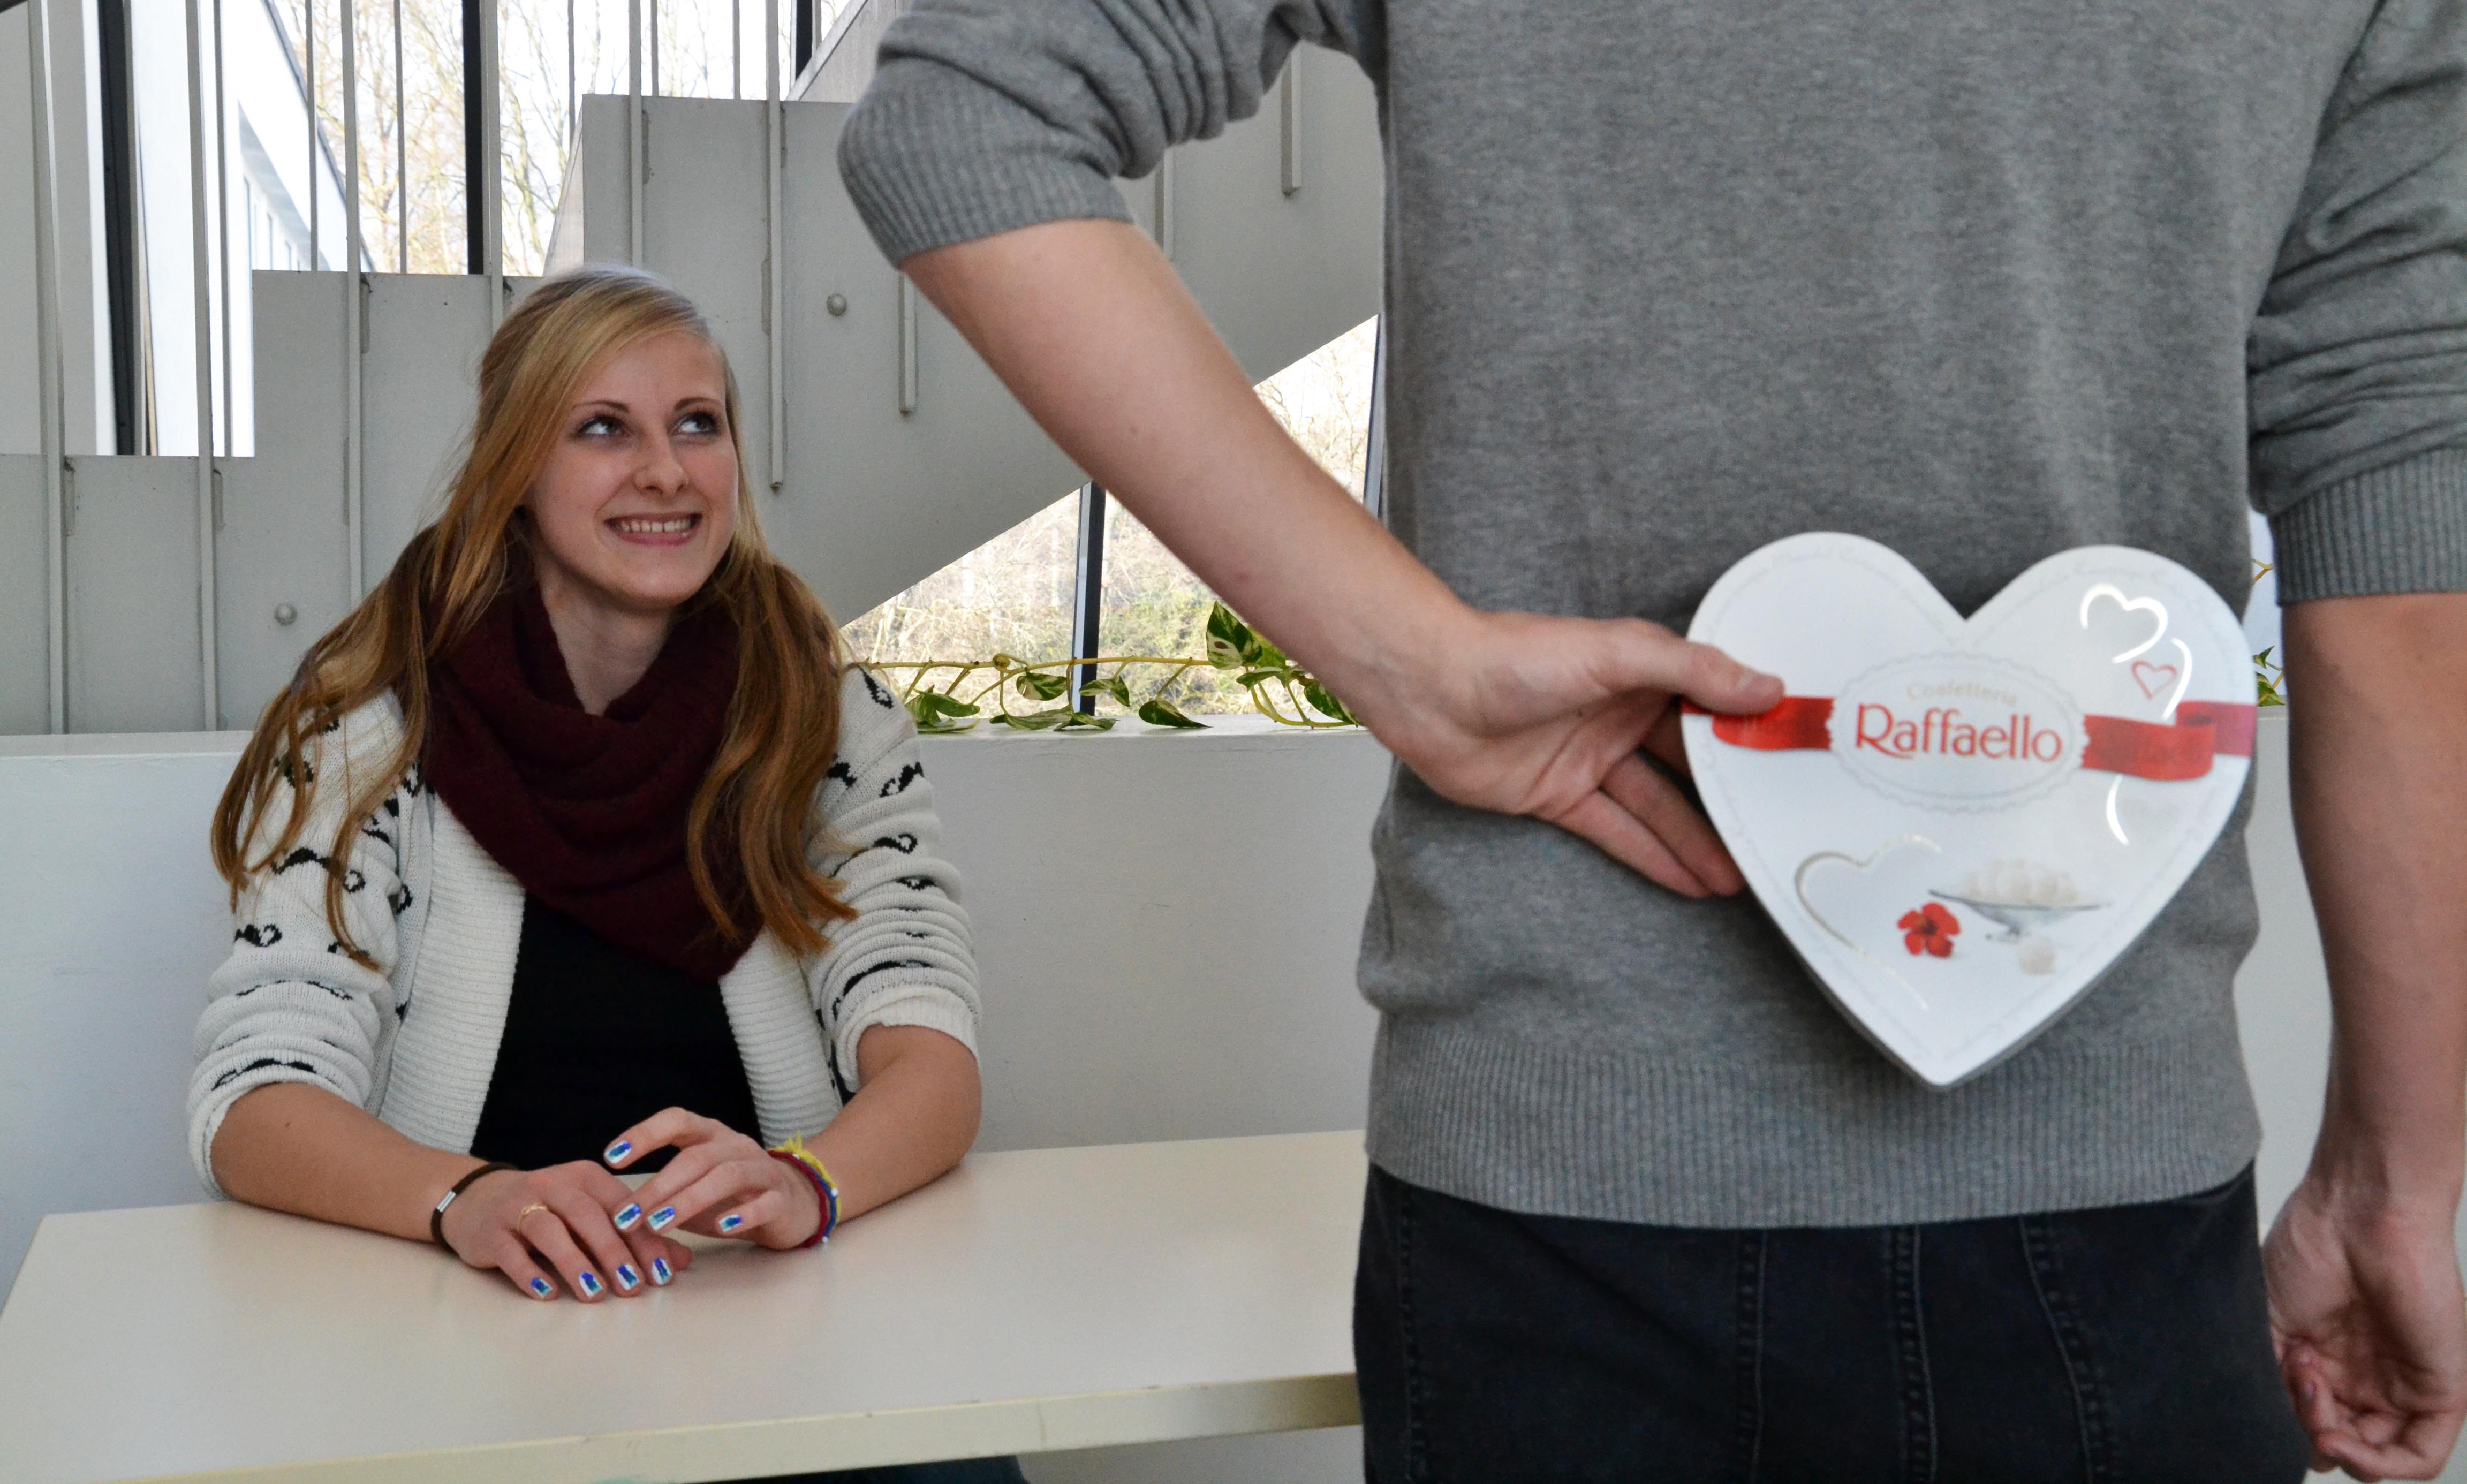 Suche nach einer E-Mail-Freundschaft in Steyr | love.at - Österreichs ...